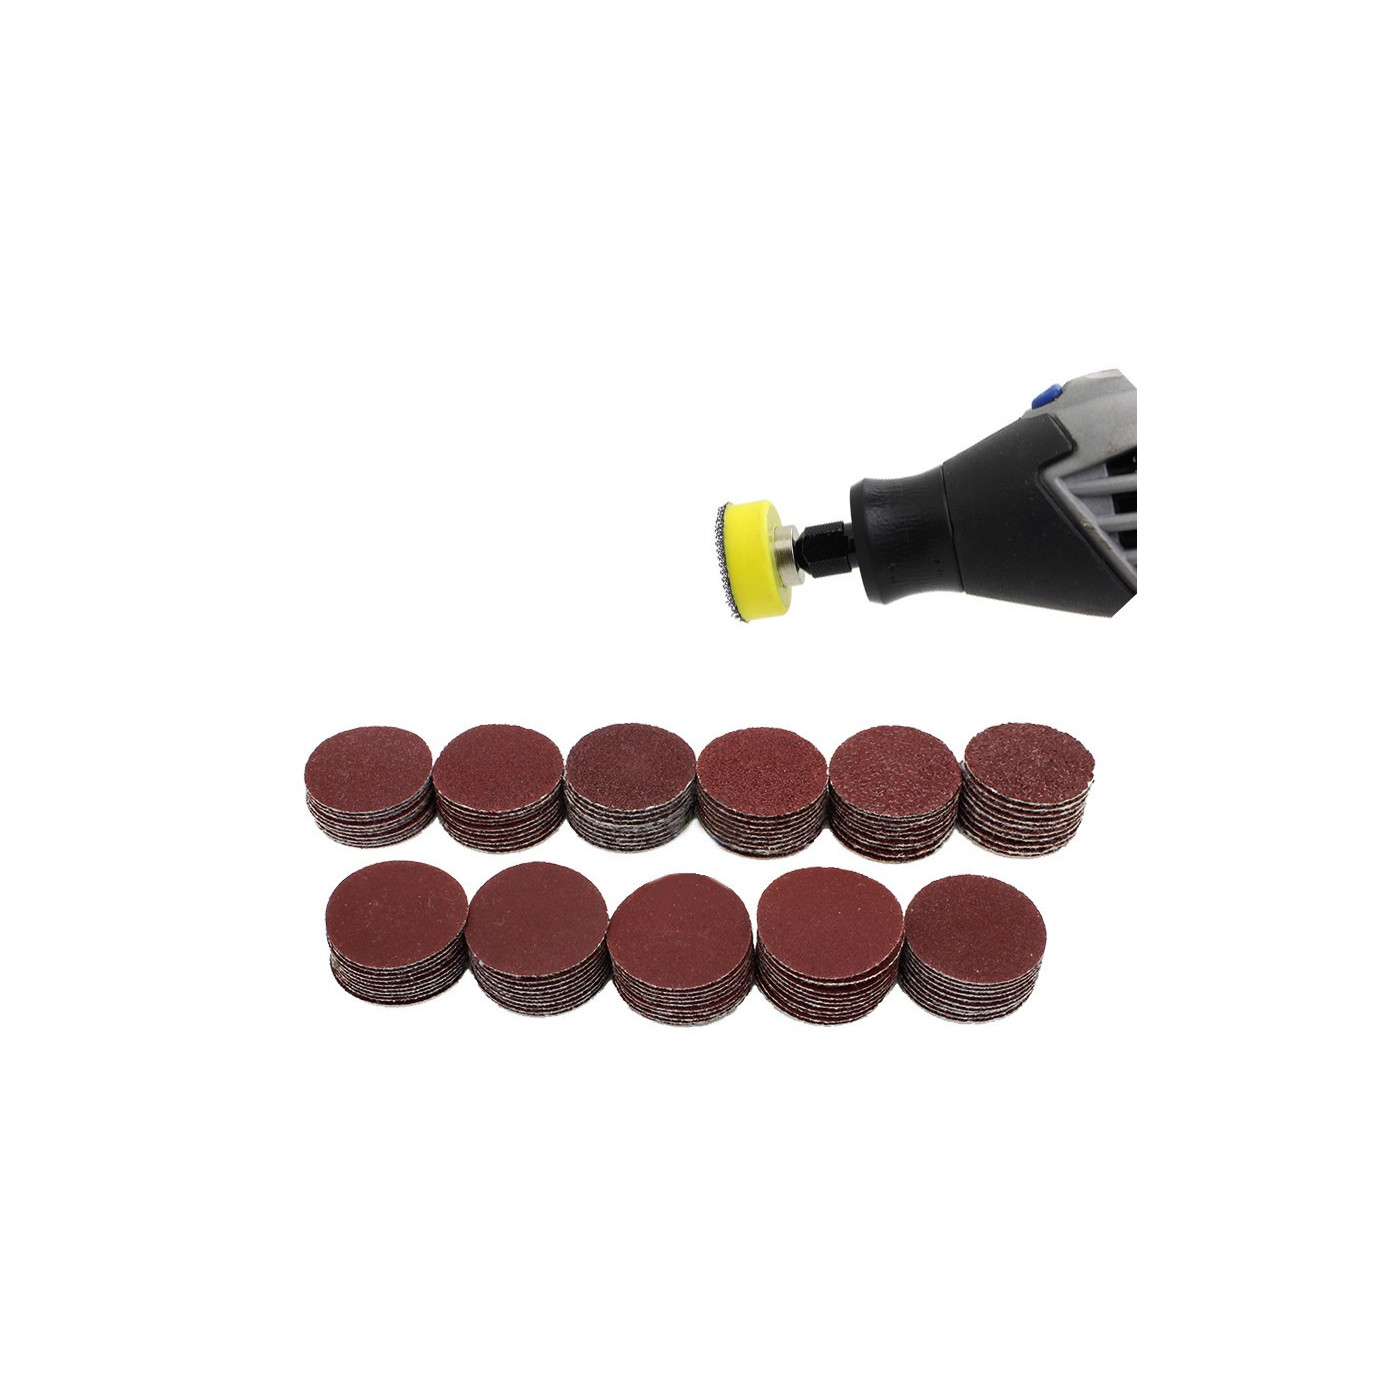 Set von 25 mm Schleifscheibenhalter, 99 scheiben und 2 Adaptern  - 1